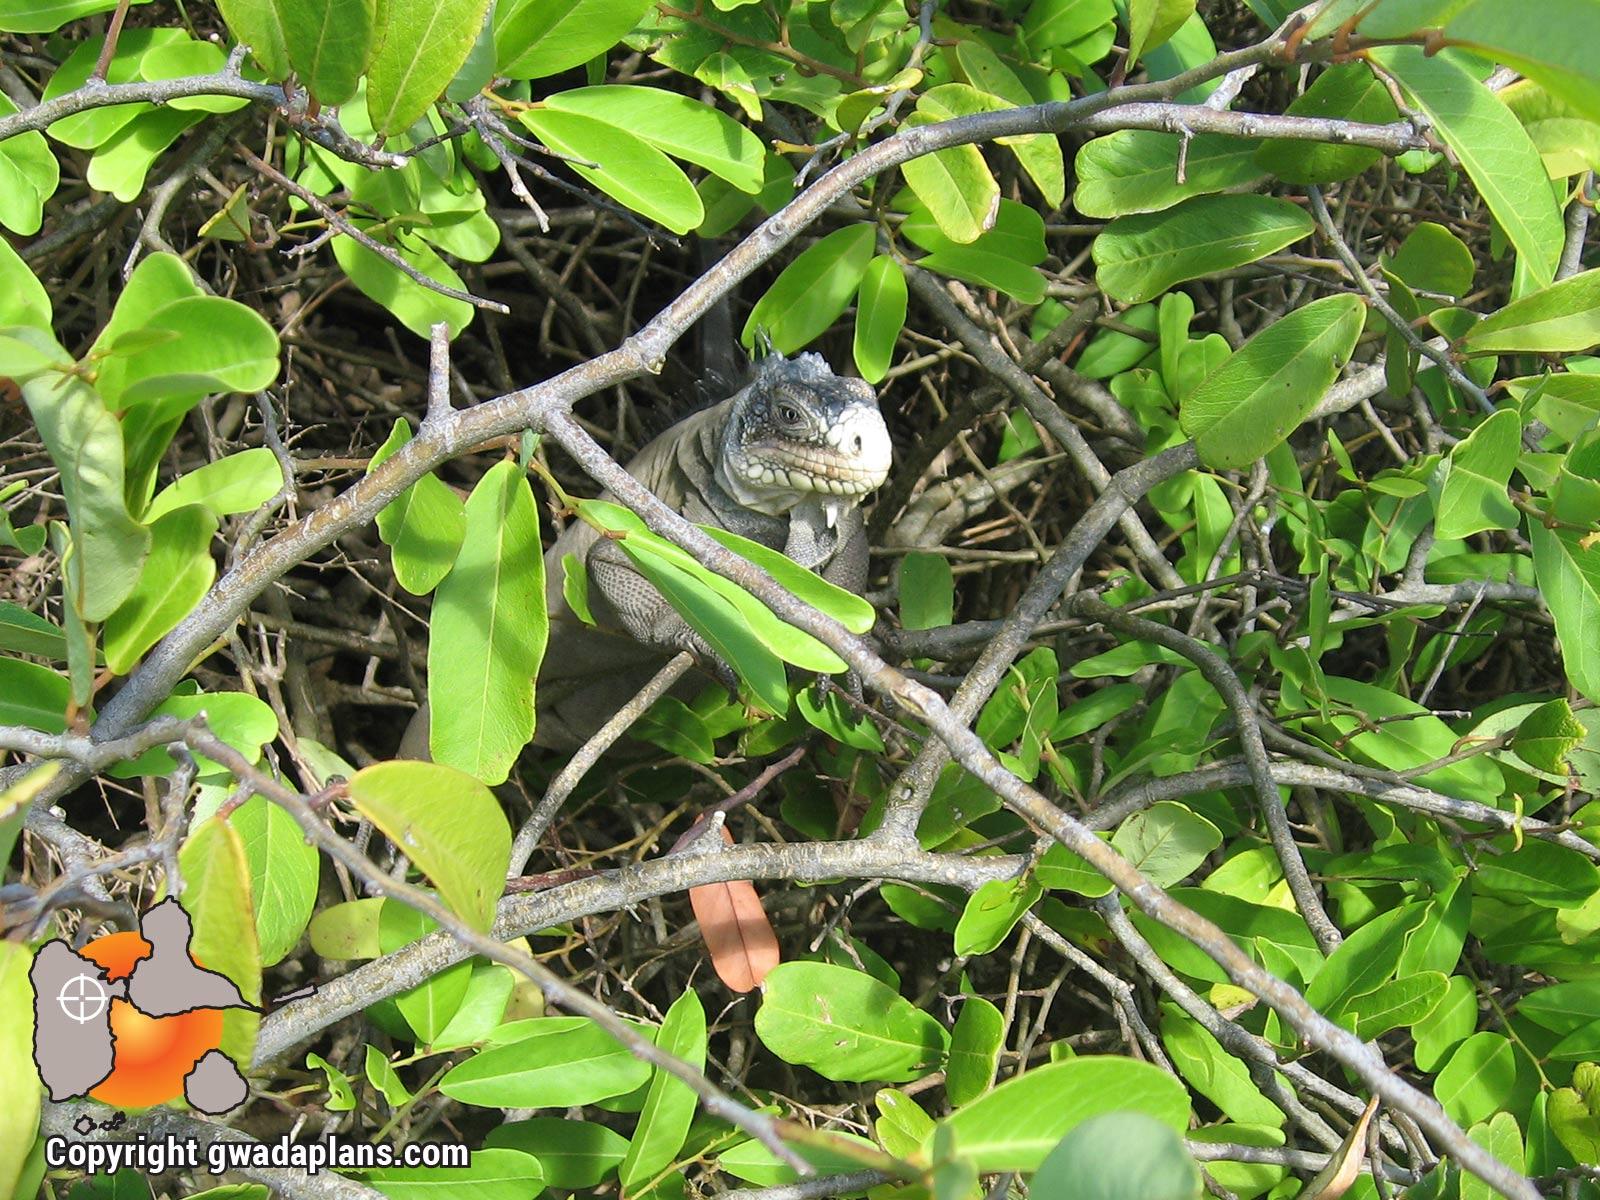 Iguane de Petite Terre